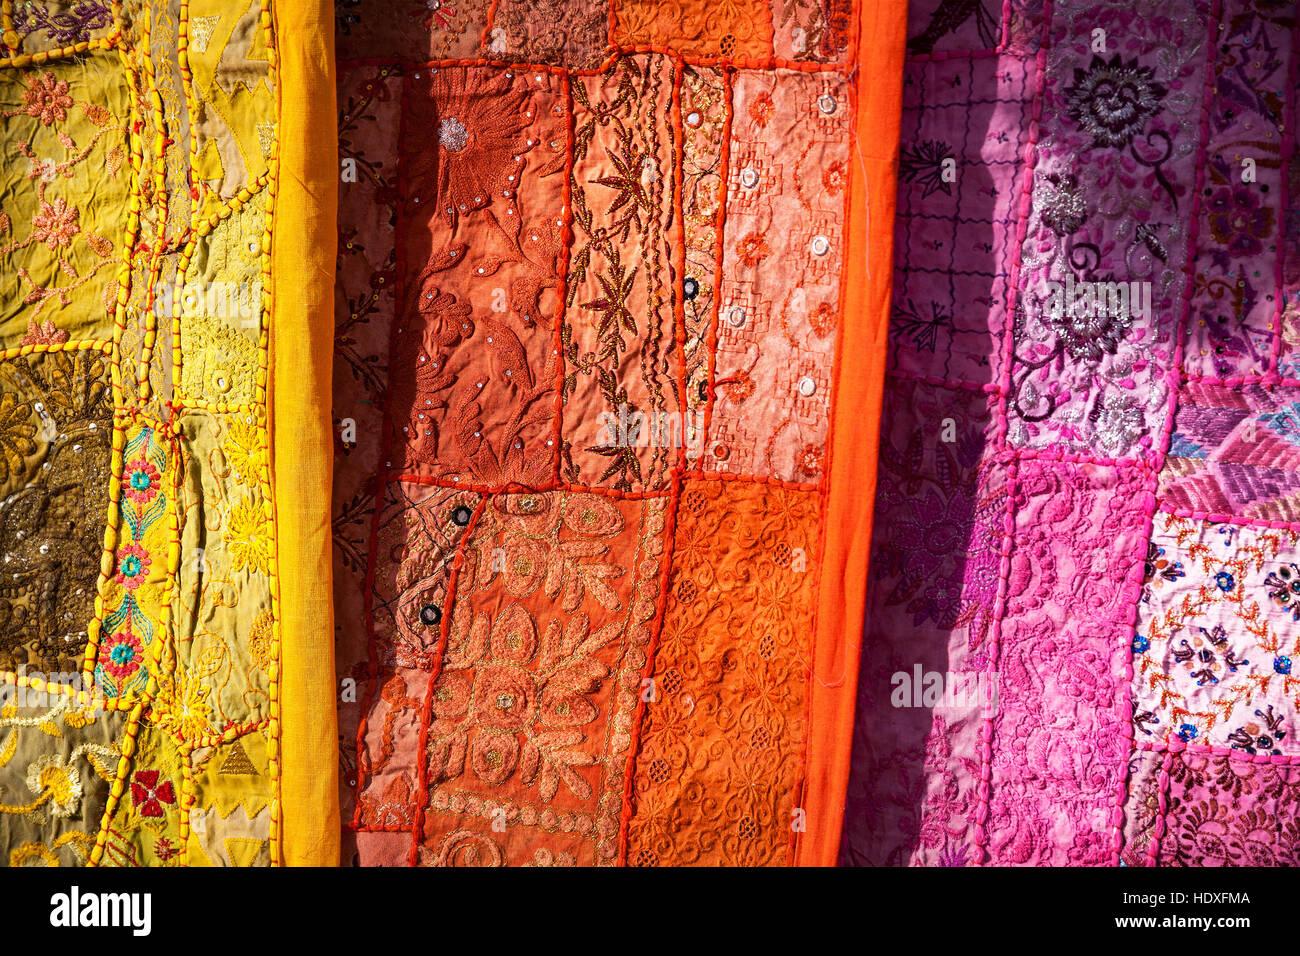 Calle de la ciudad mercado con ropas tradicionales en el muro de la fortaleza de Jaisalmer en Rajasthan, India Imagen De Stock